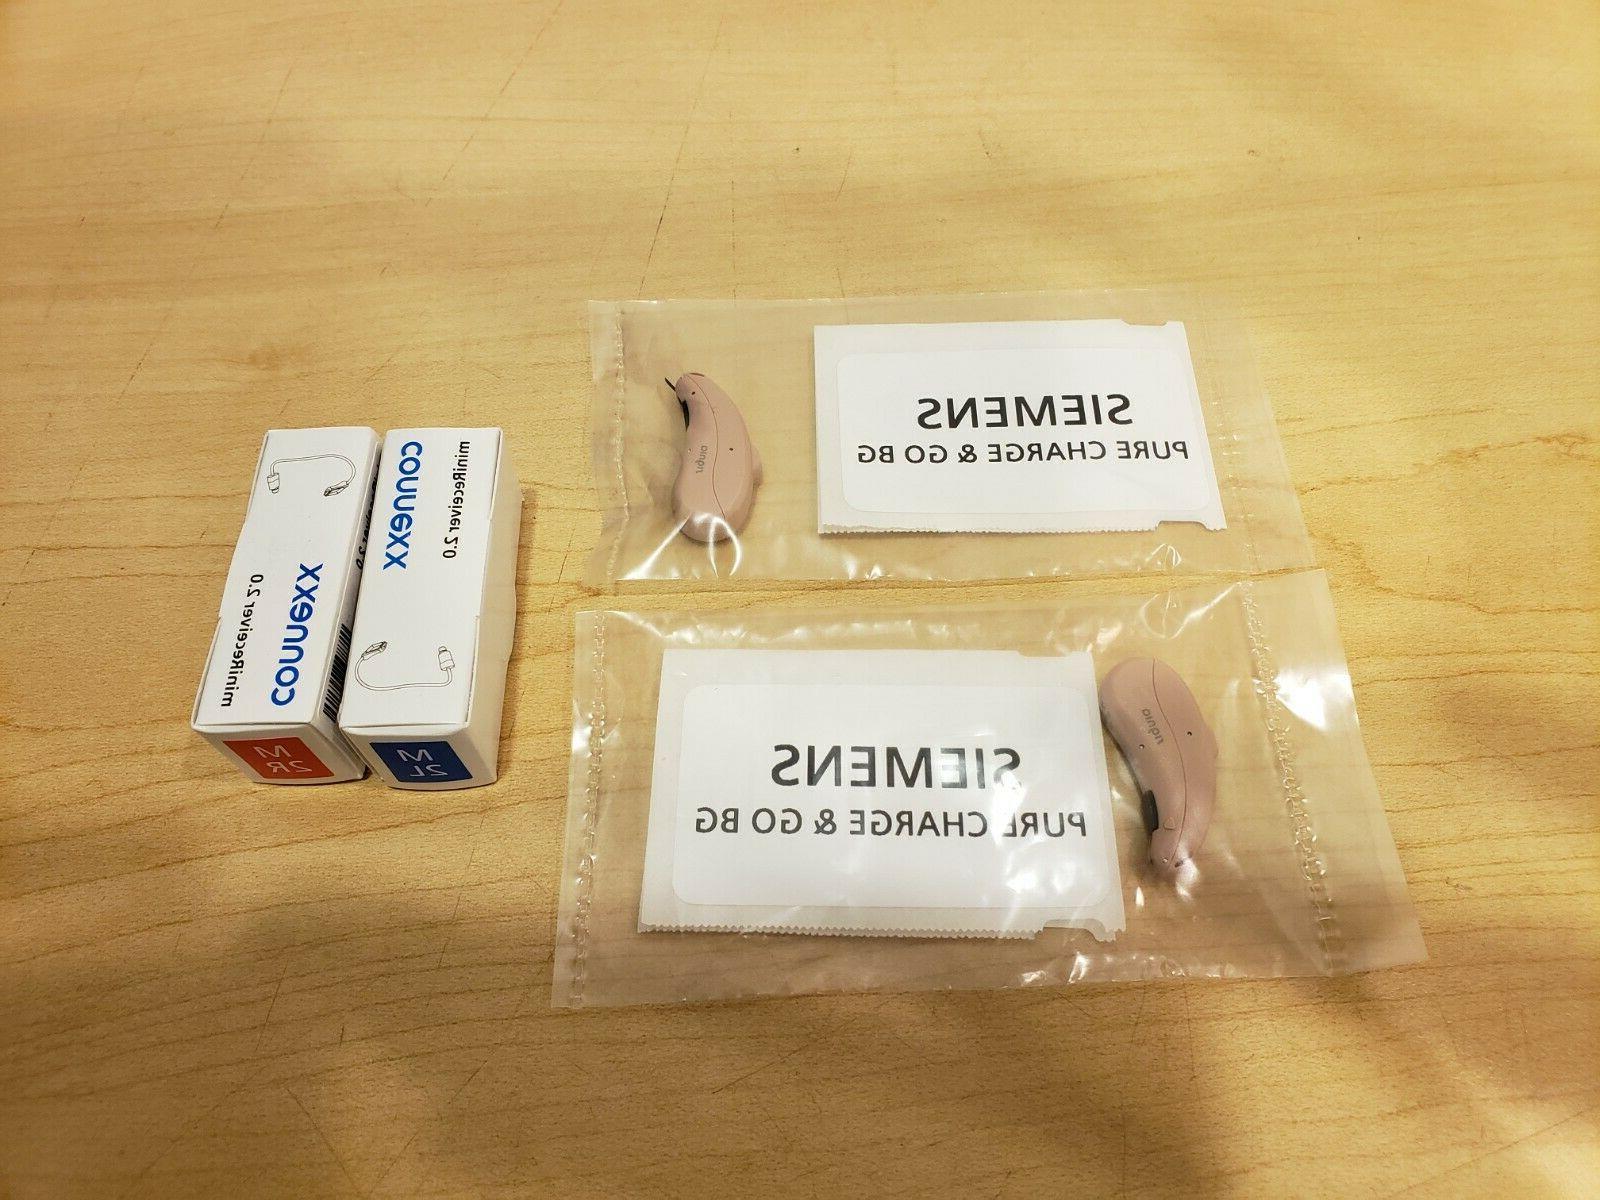 2 new signia pure 7nx ric hearing